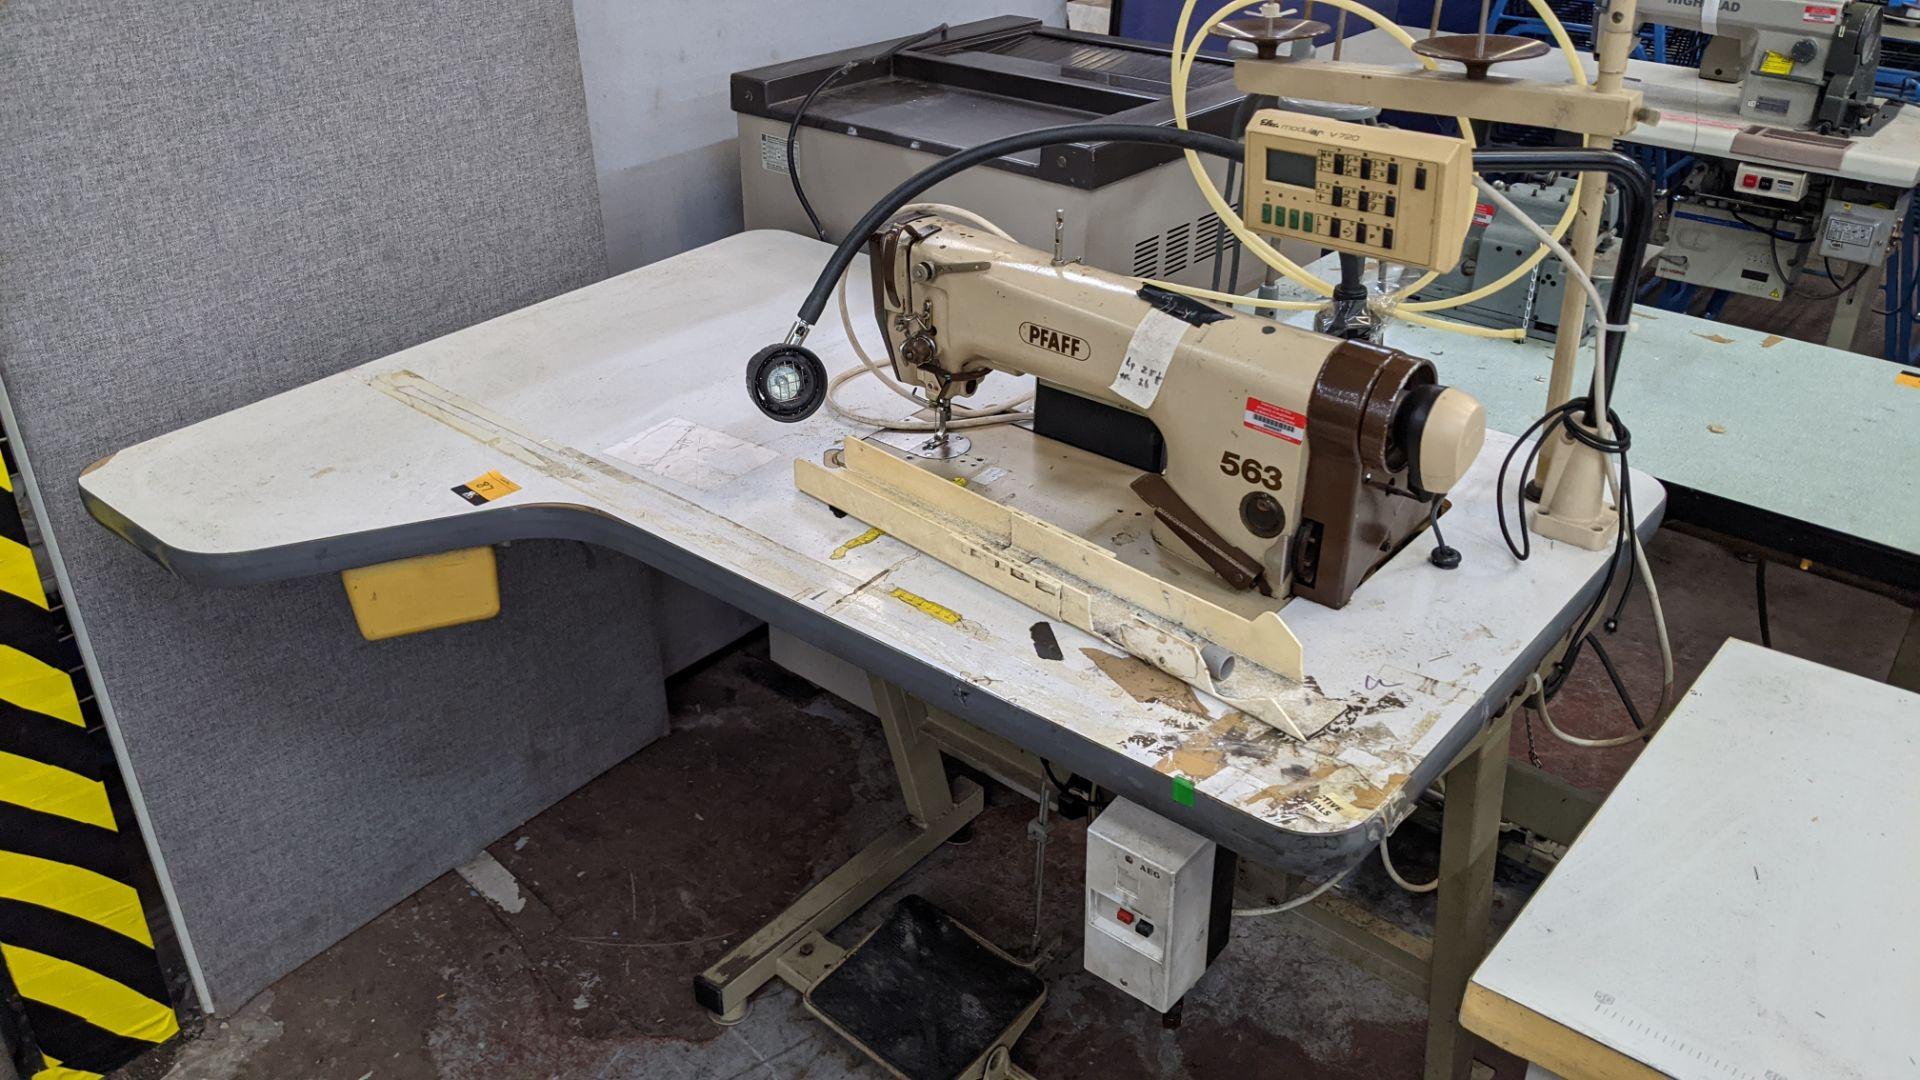 Pfaff model 563 sewing machine with Efka modular V720 digital controller - Image 2 of 13